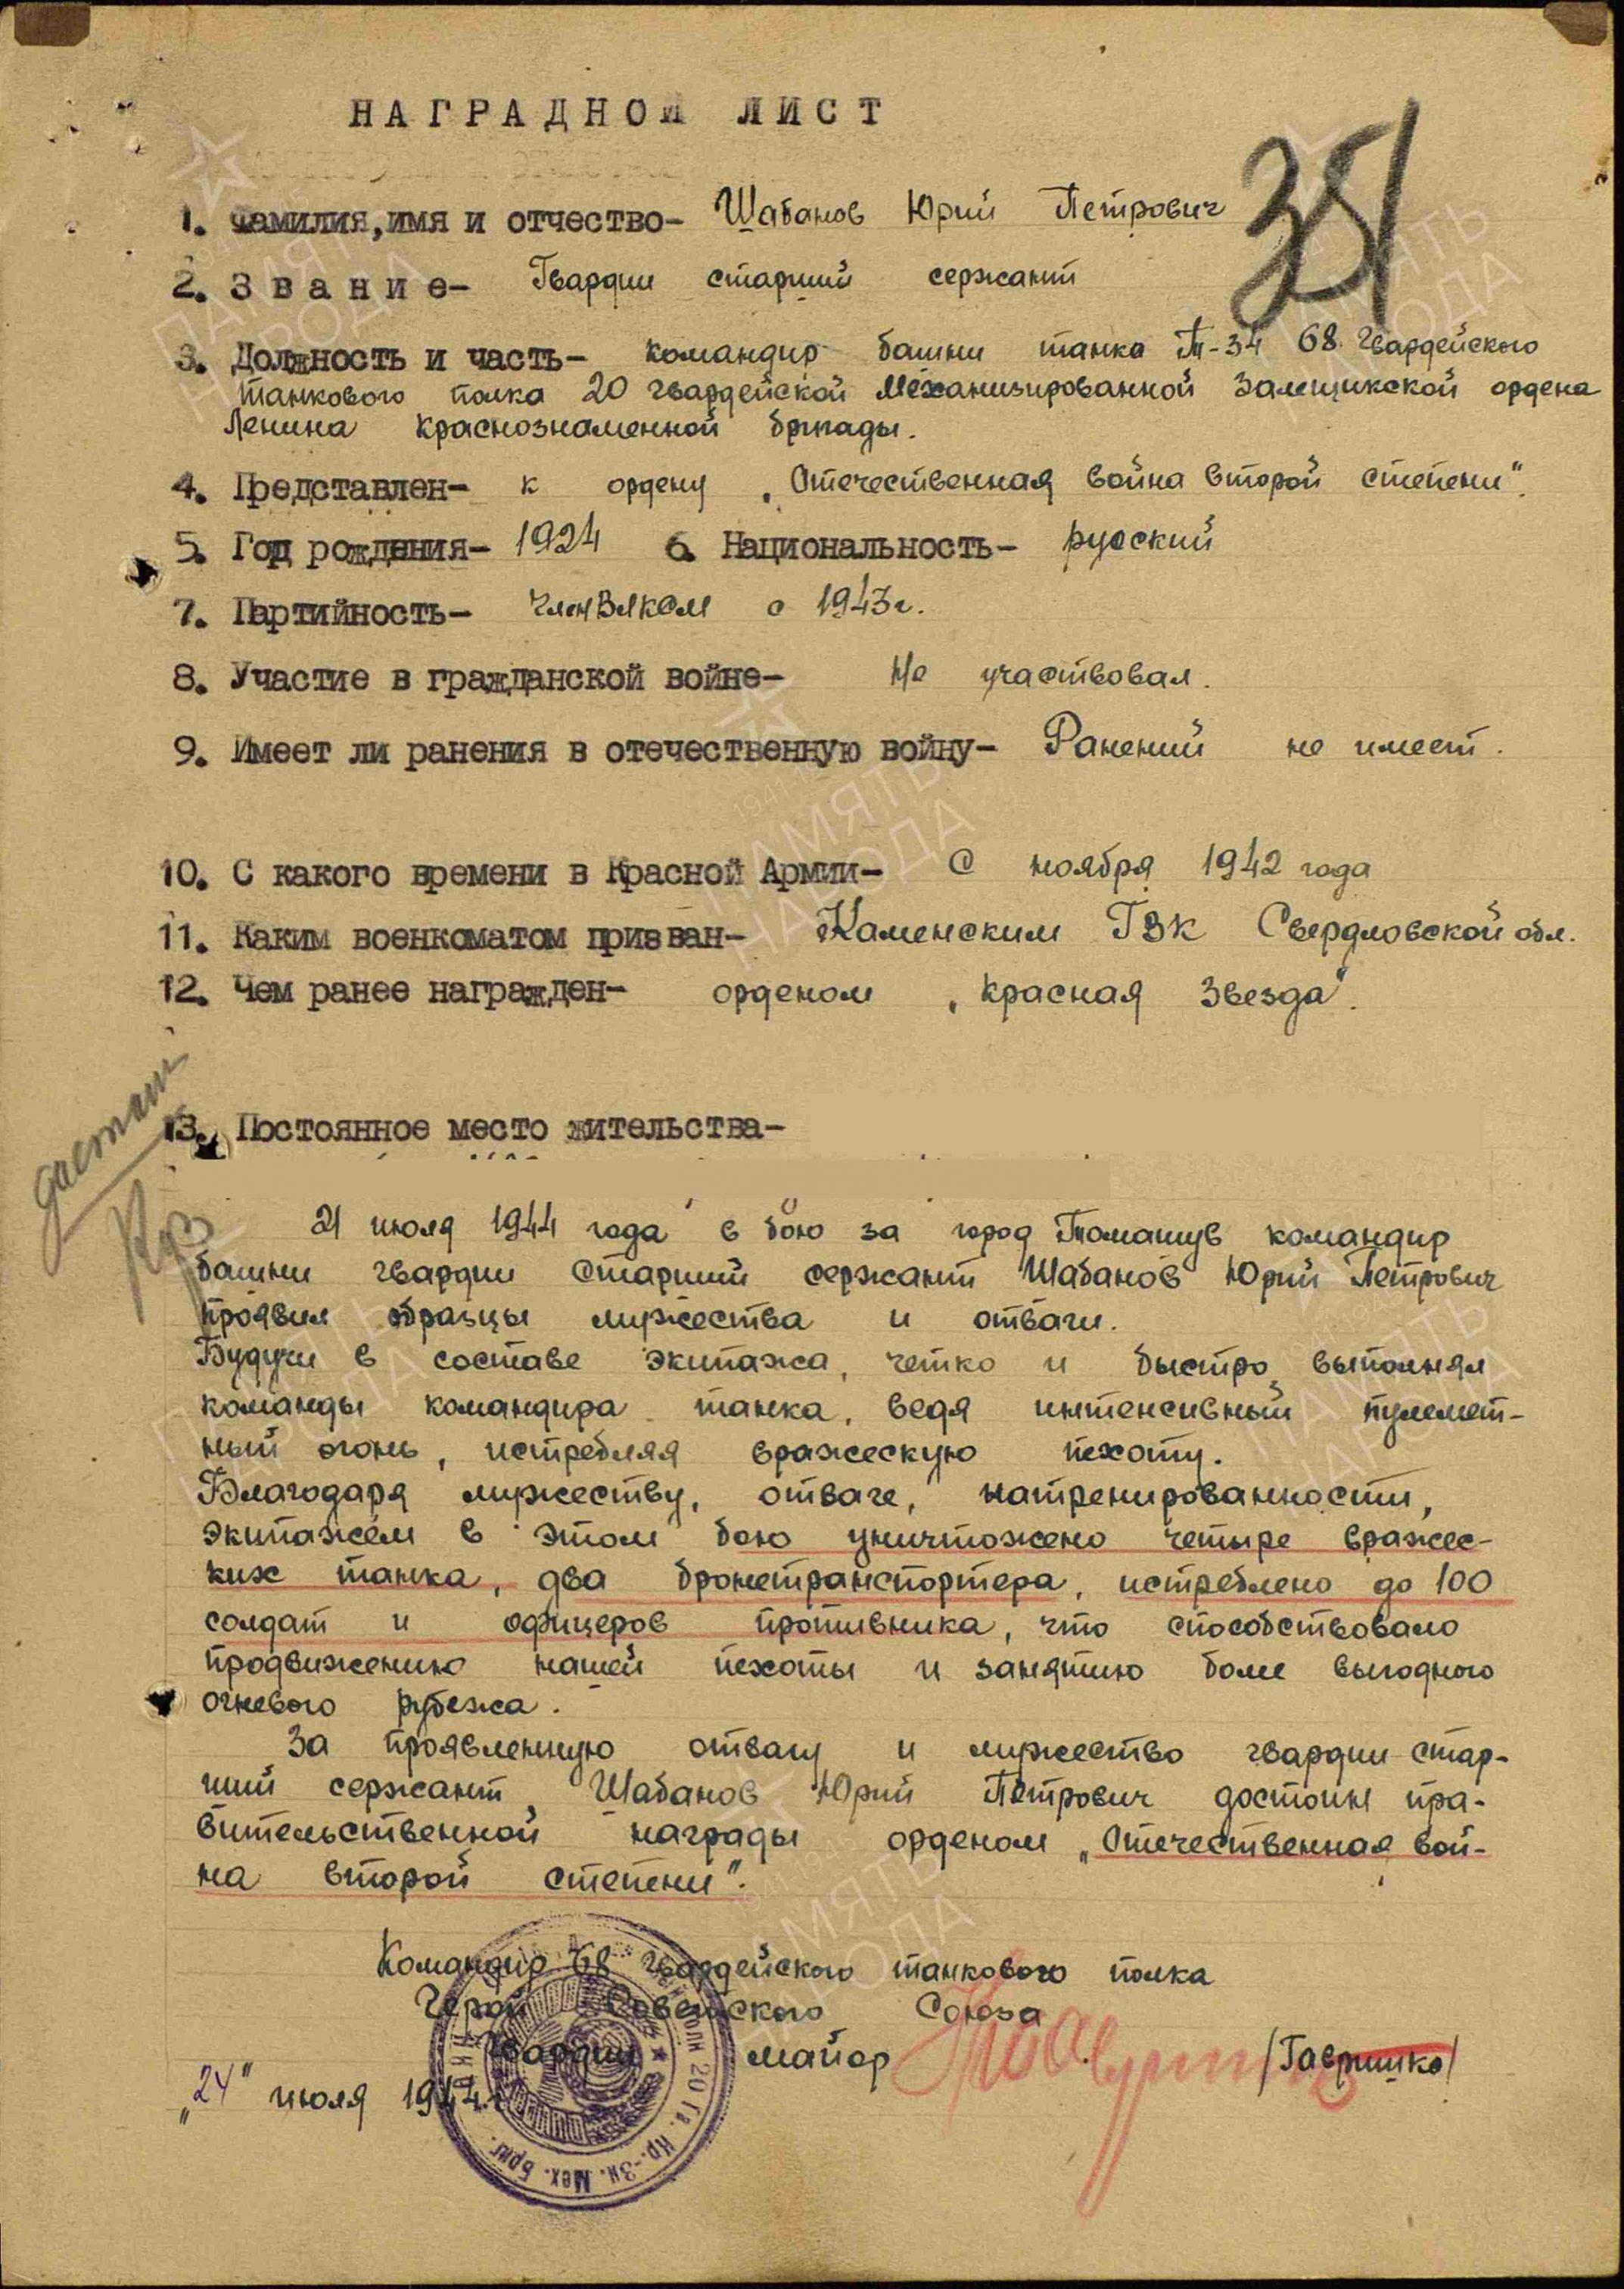 Юрий Шабанов. Наградной лист к ордену ОВ